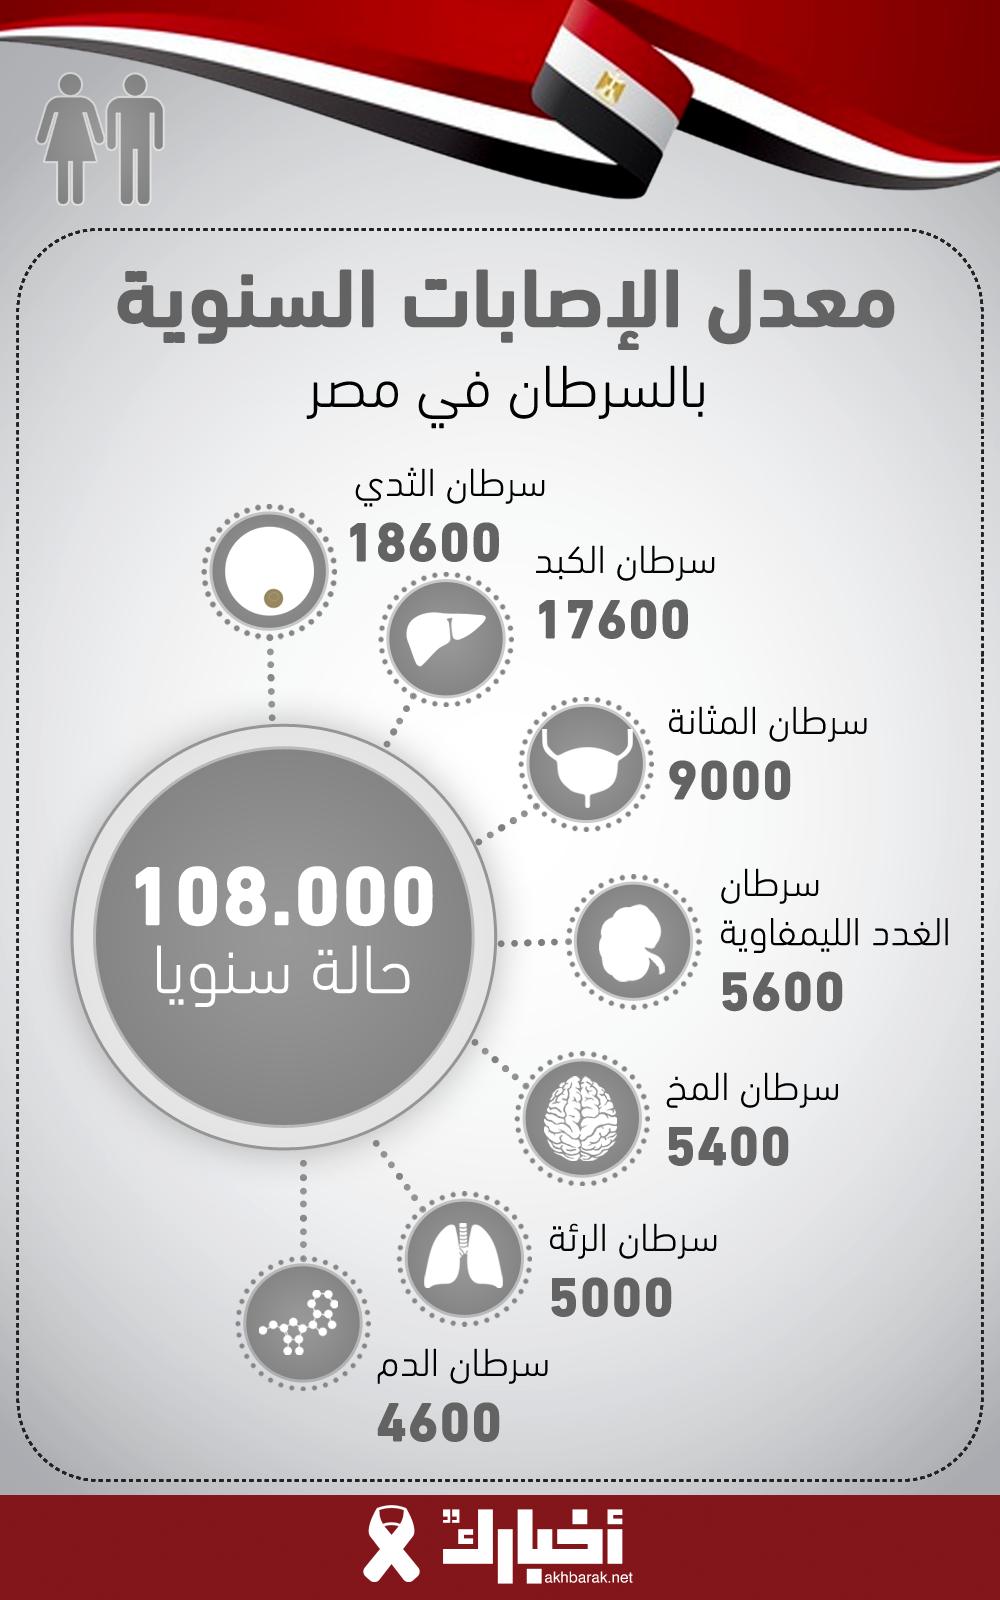 معدل الإصابات السنوية بالسرطان في مصر